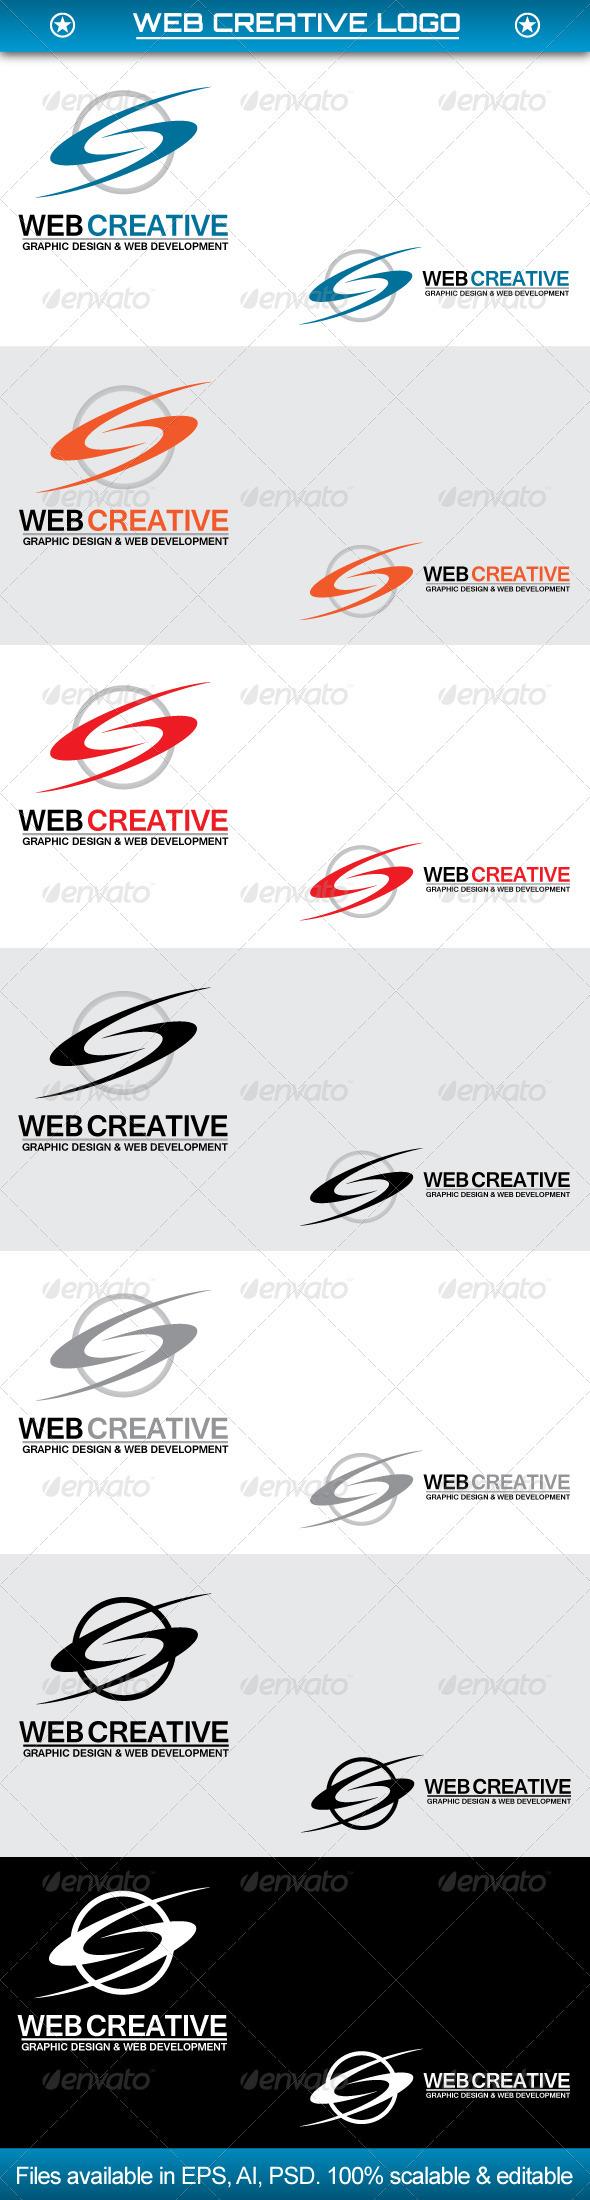 Web Creative - Abstract Logo Templates